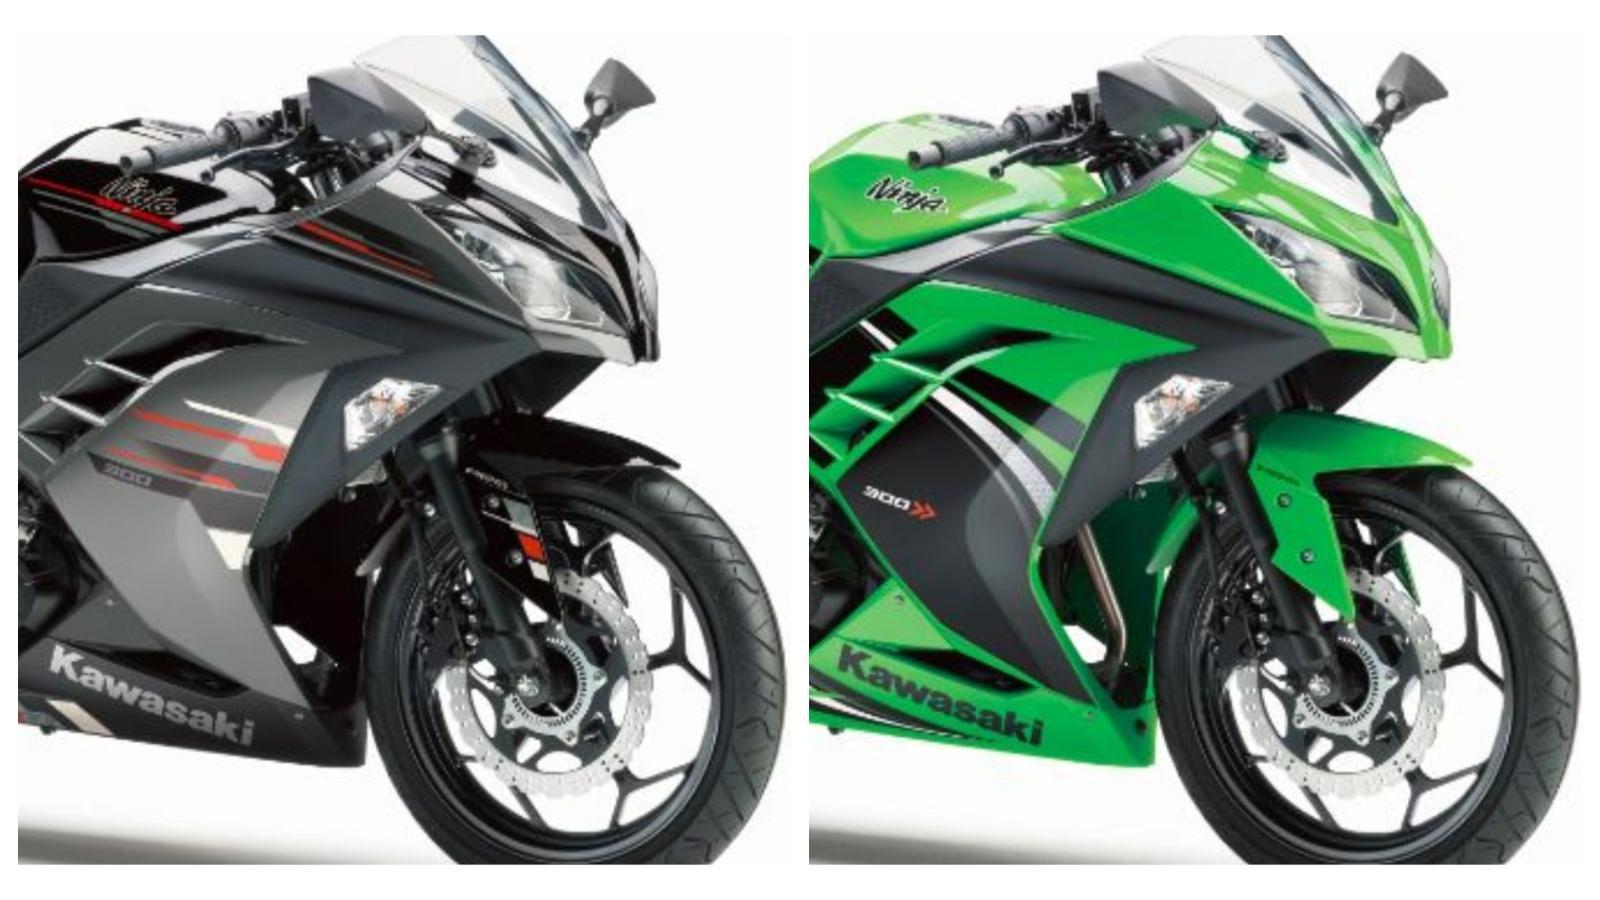 Kawasaki Ninja 300 Abs Gets Two New Colour Options Motoroids